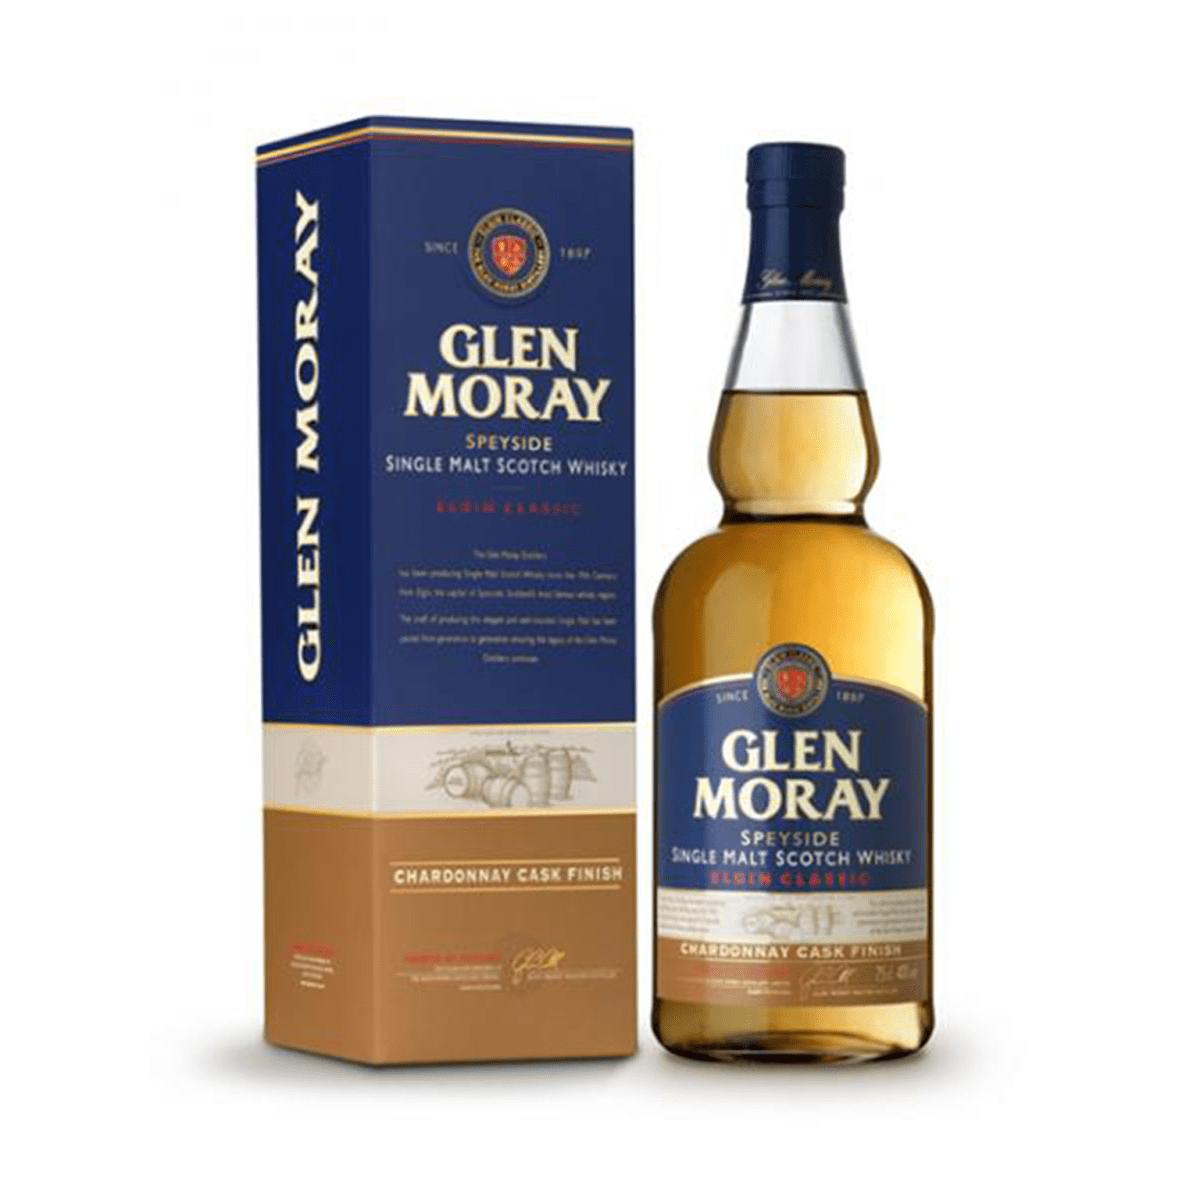 Glen Moray scotch